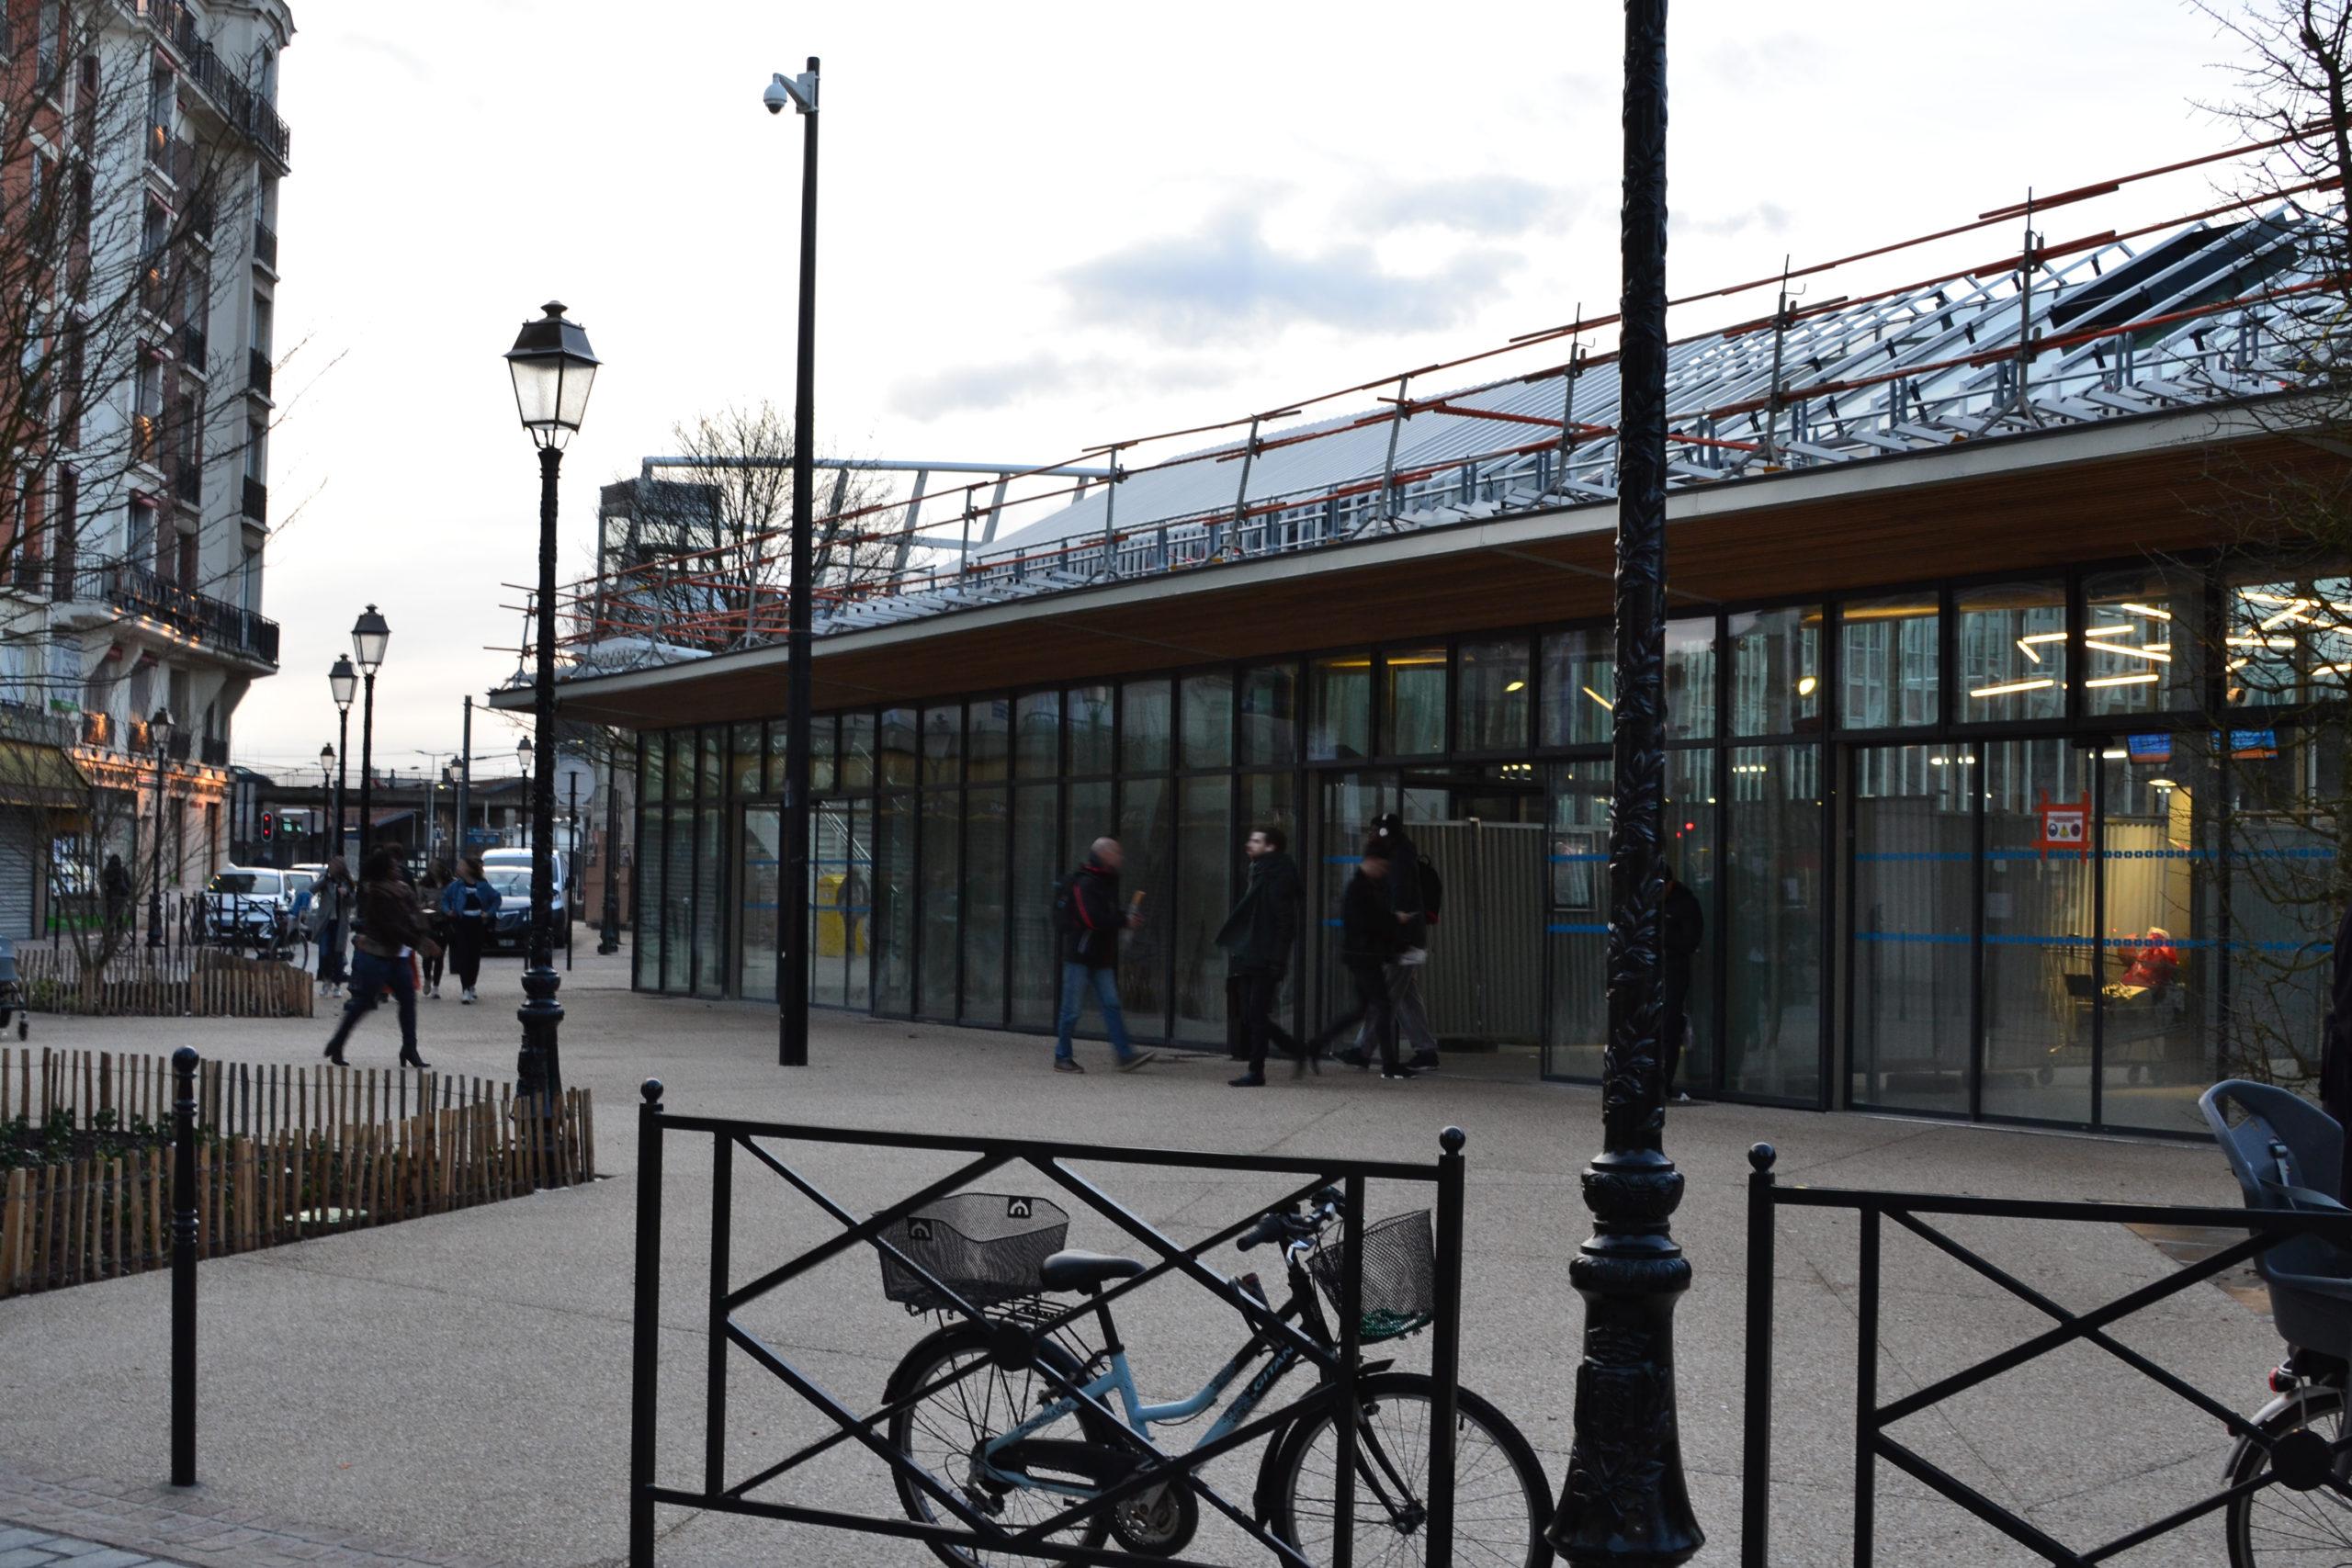 Gare de bécon